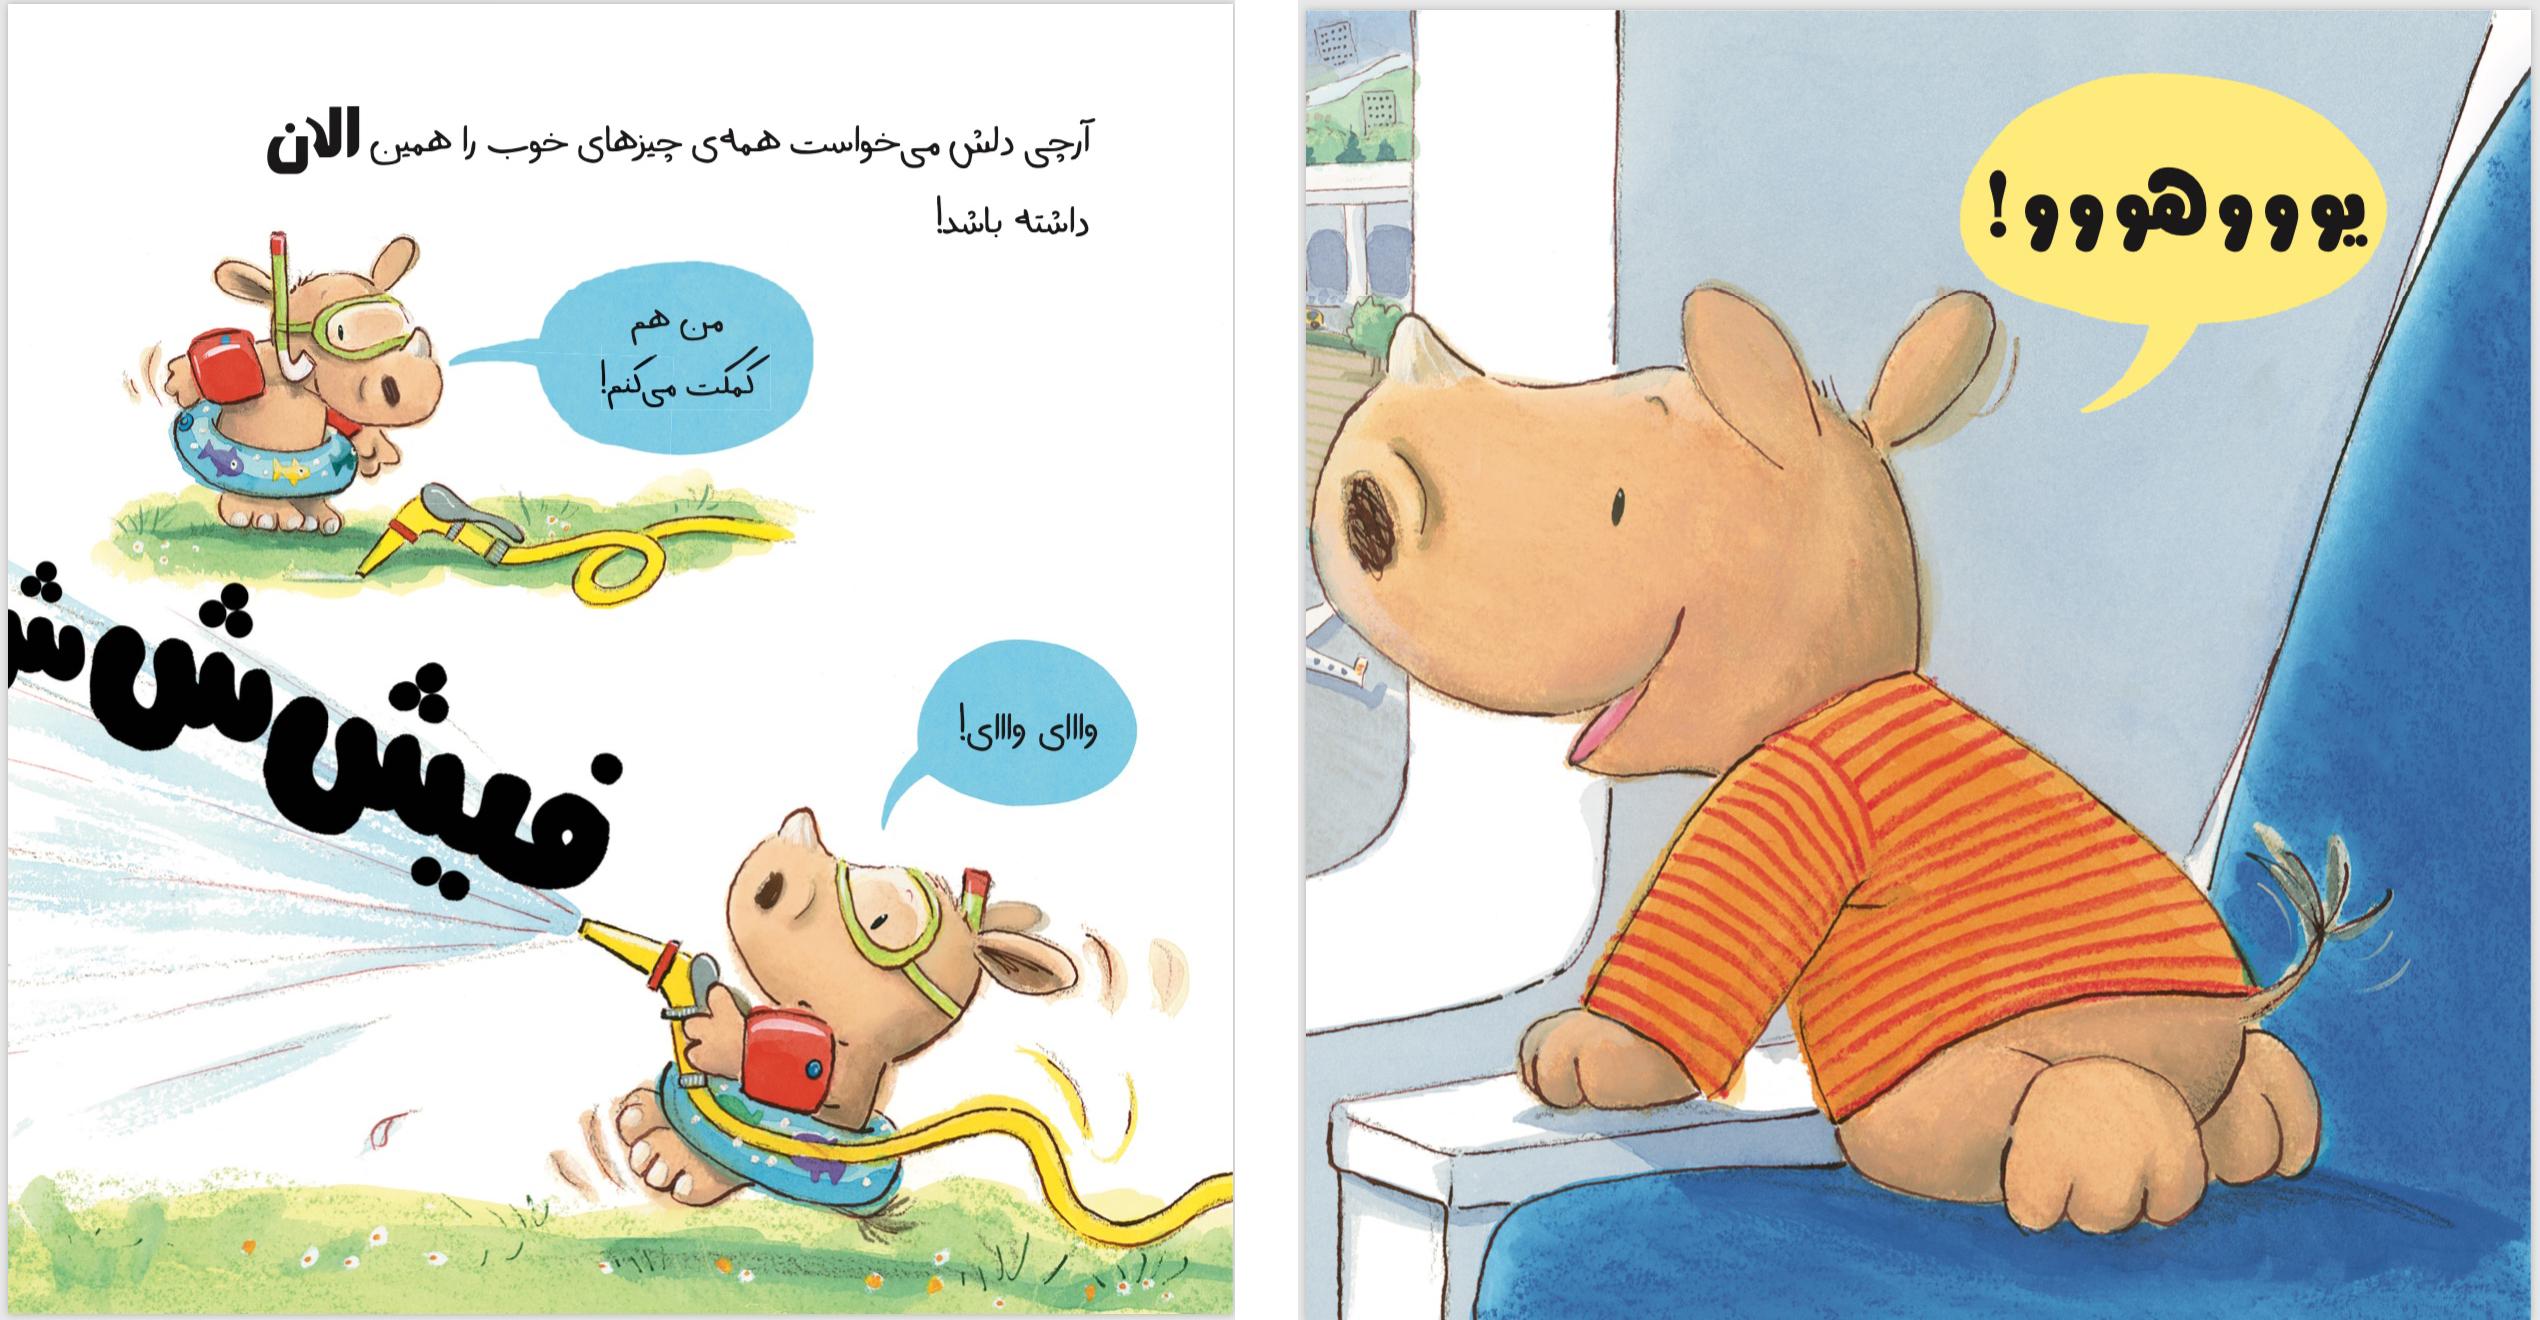 نمونهای از استفاده از کلمات در تصویر کتابهای کودکان و قصه های کودکانه